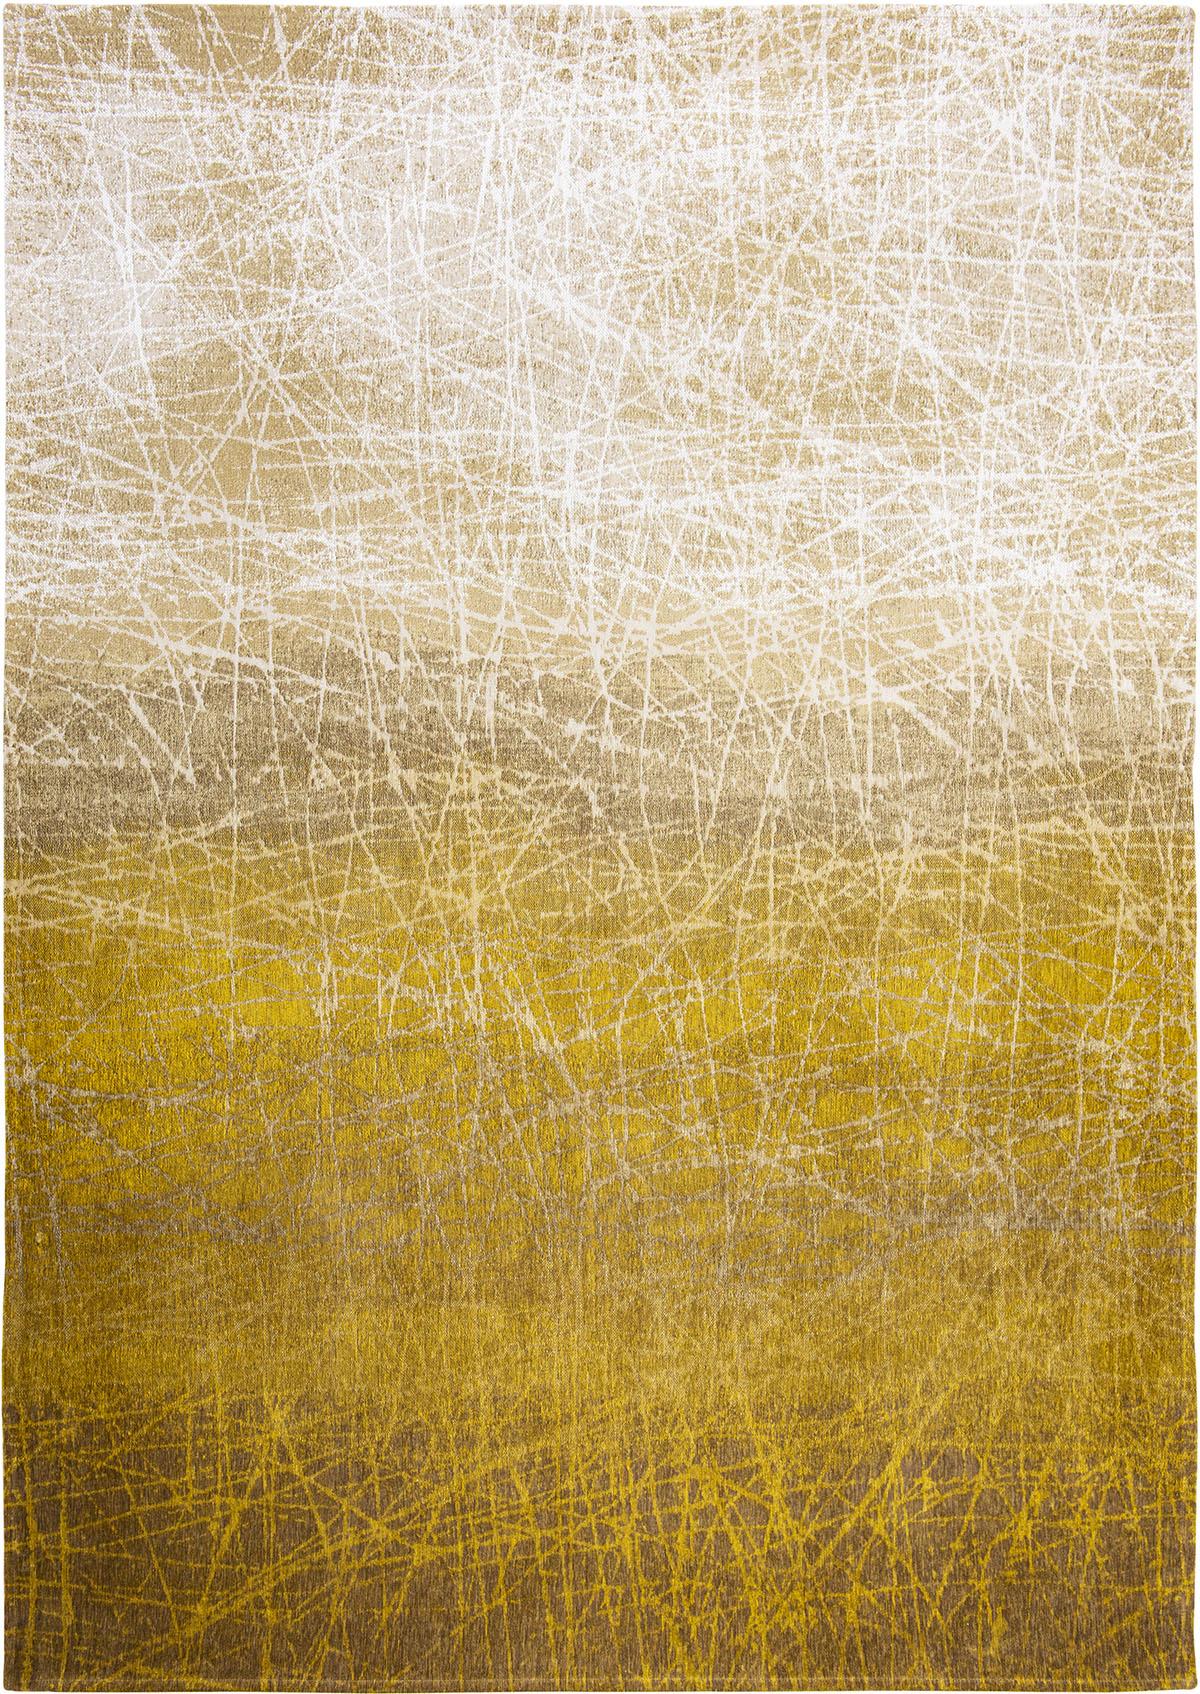 Żółty Dywan Nowoczesny - NEW YORK FALL 8879 - Rozmiar: 140x200 cm